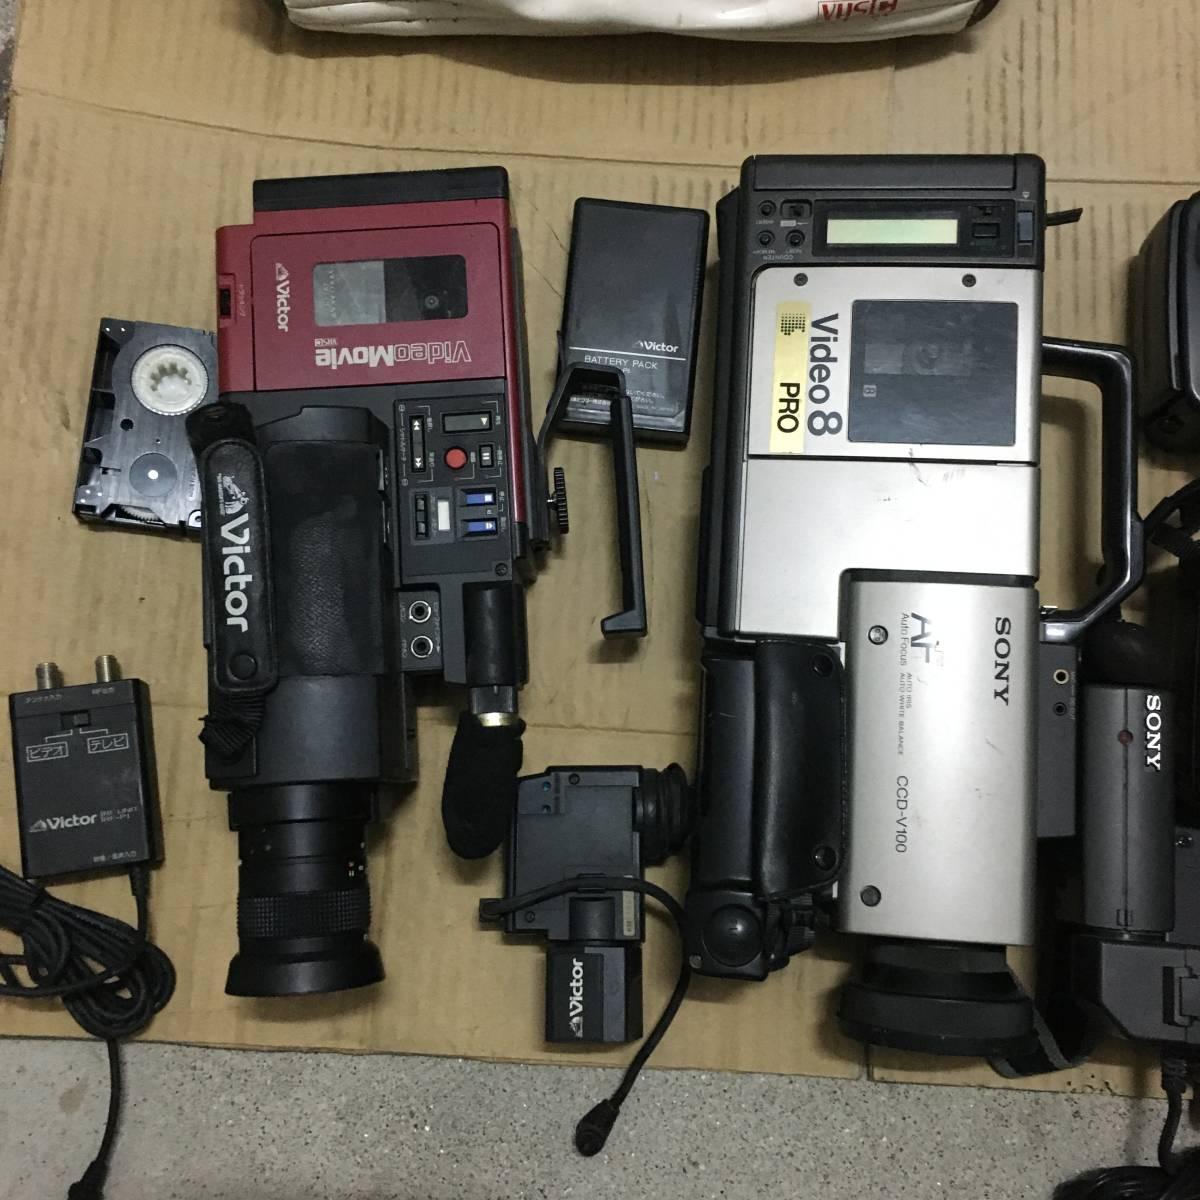 ビデオカメラ(41) 機種色々 Victor(VideoMovie) SONY(Video8,Handycam 3台) SHARP(Viewcam 2台)など まとめて 7台 部品取り ジャンク品_画像8